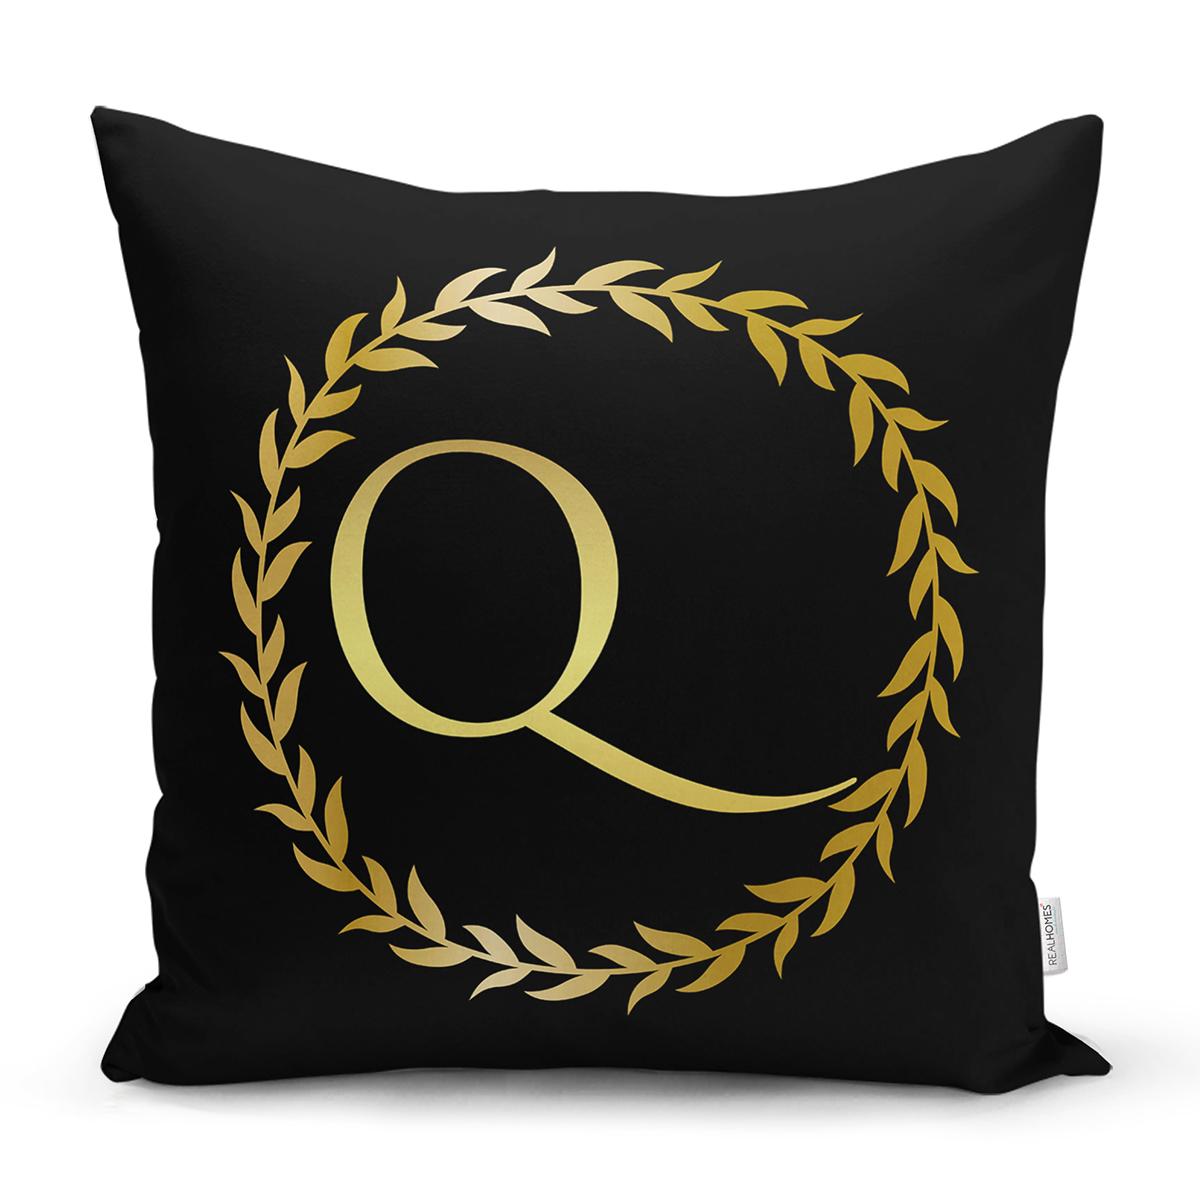 Siyah Zemin Gold Yaprak Çerçeveli Q Harfi Özel Tasarım Dijital Baskılı Yastık Kırlent Kılıfı Realhomes